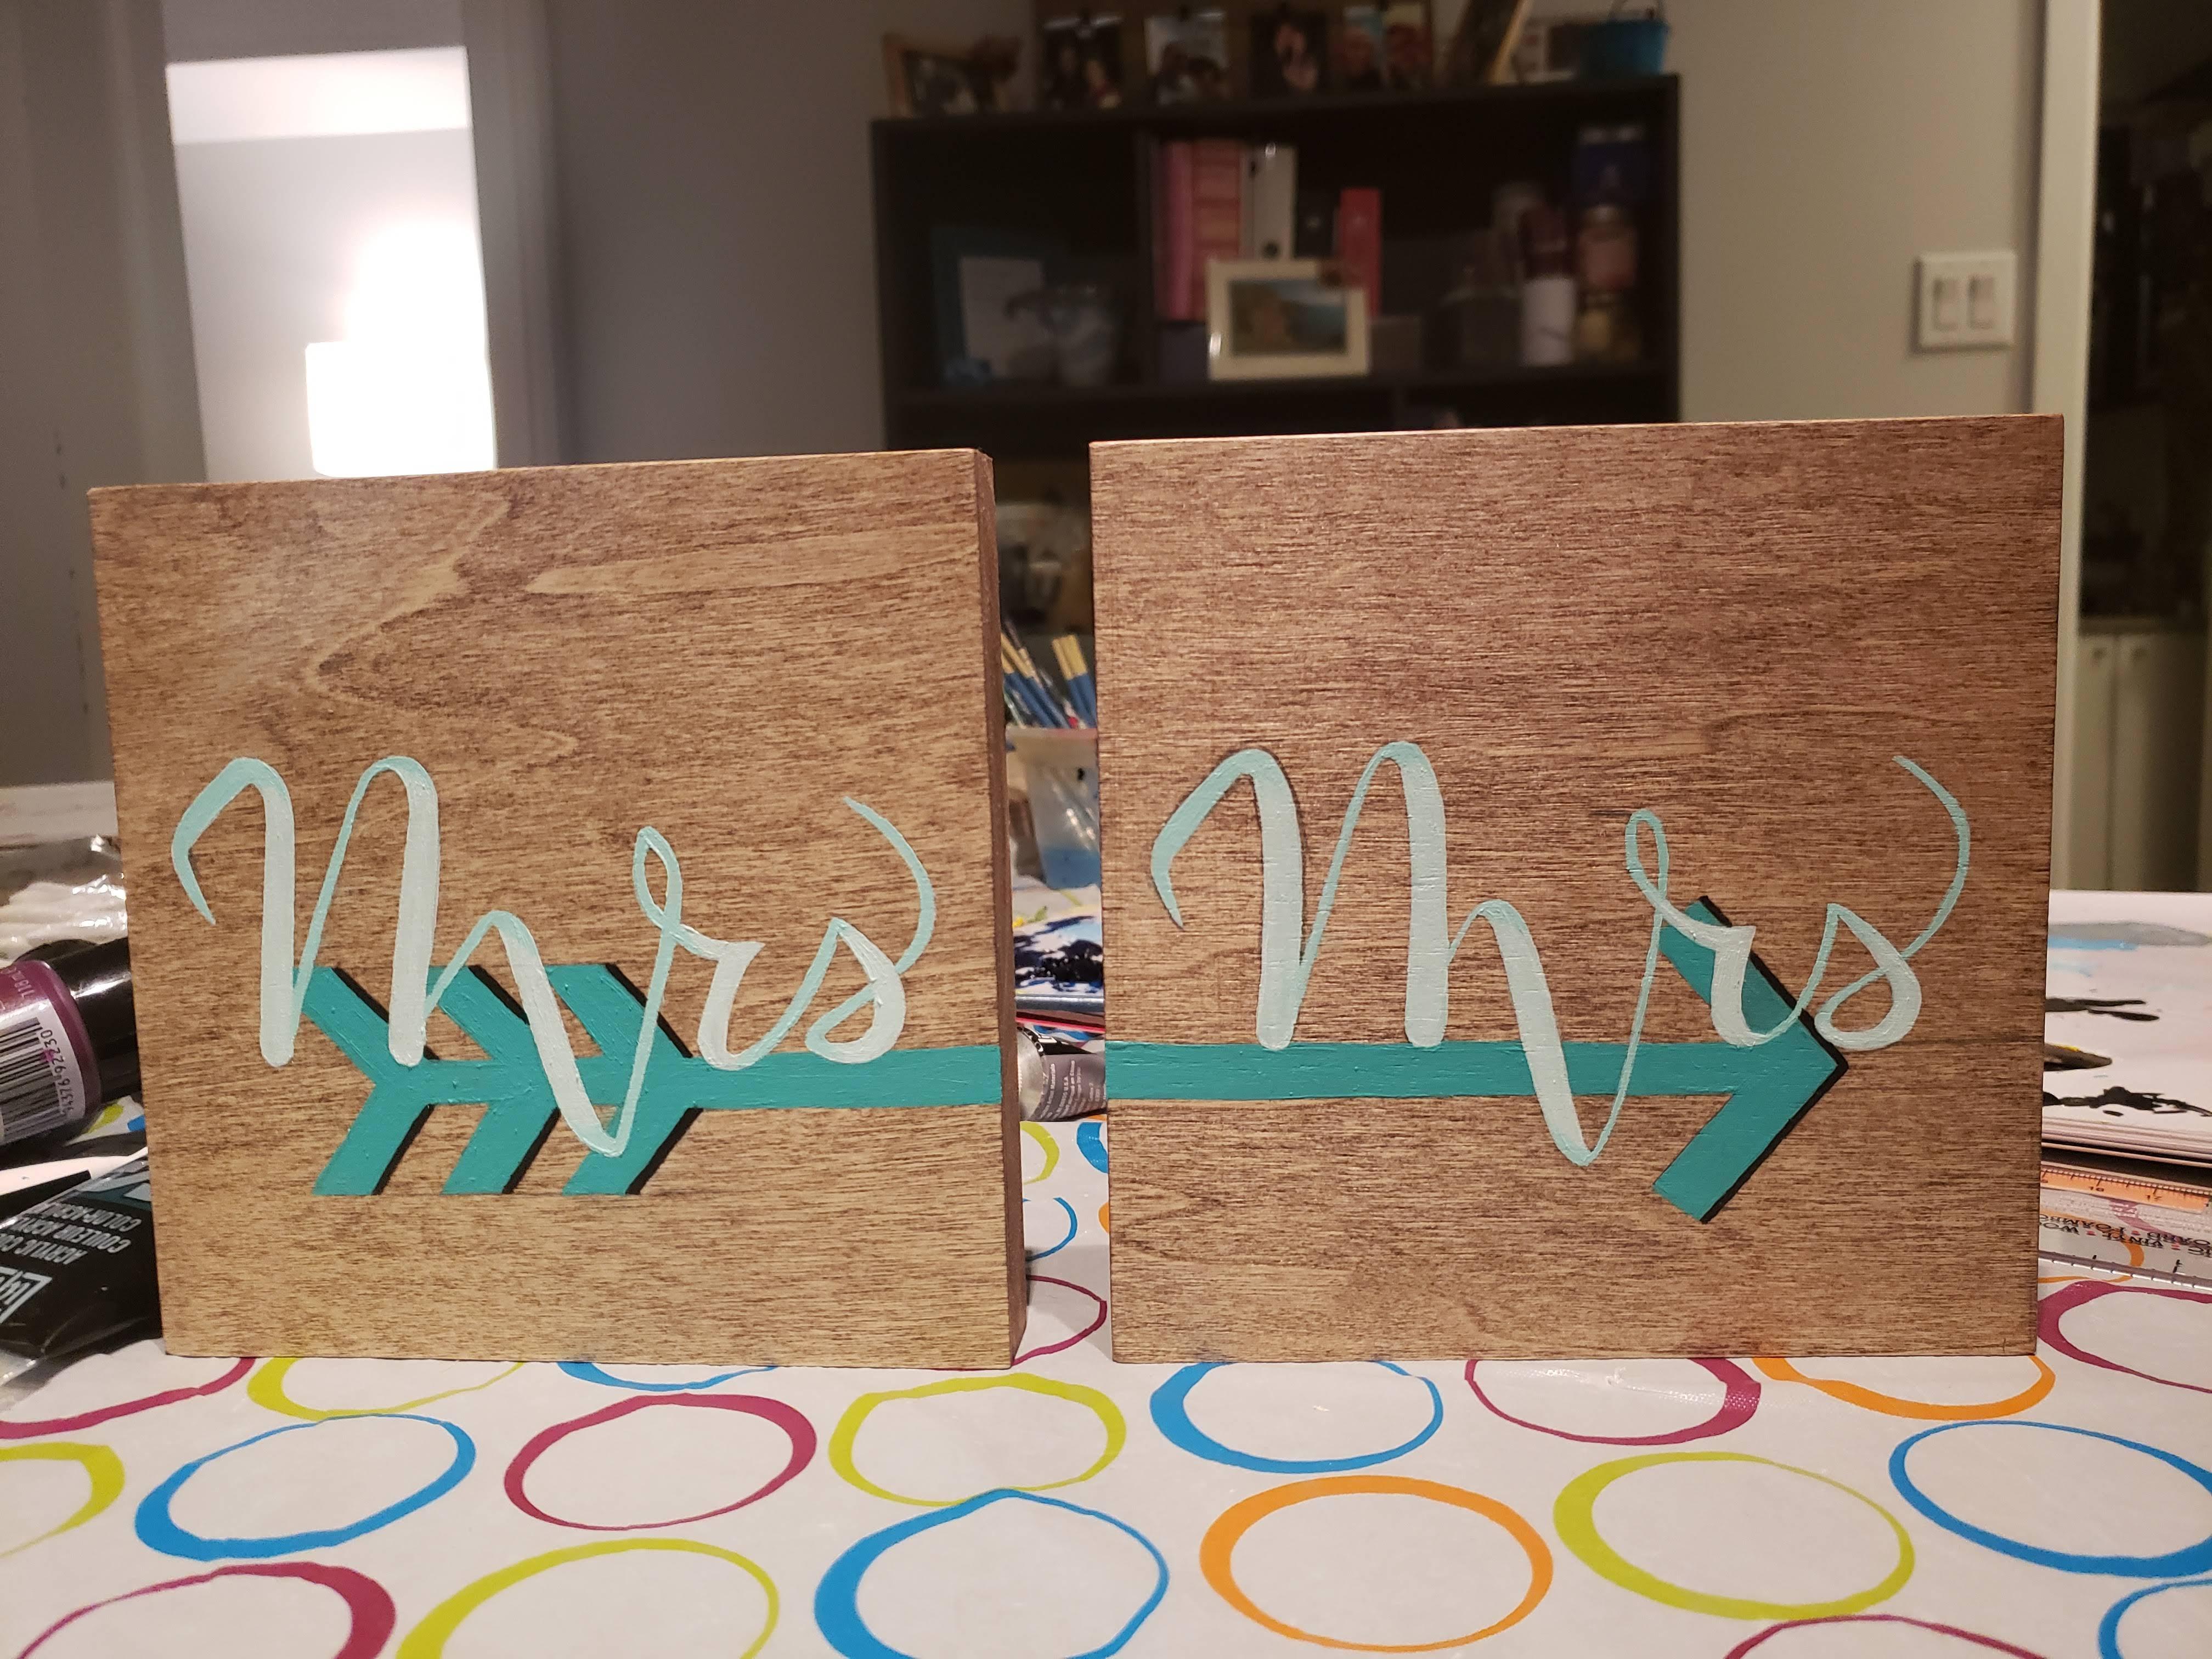 Mrs & Mrs (2018)